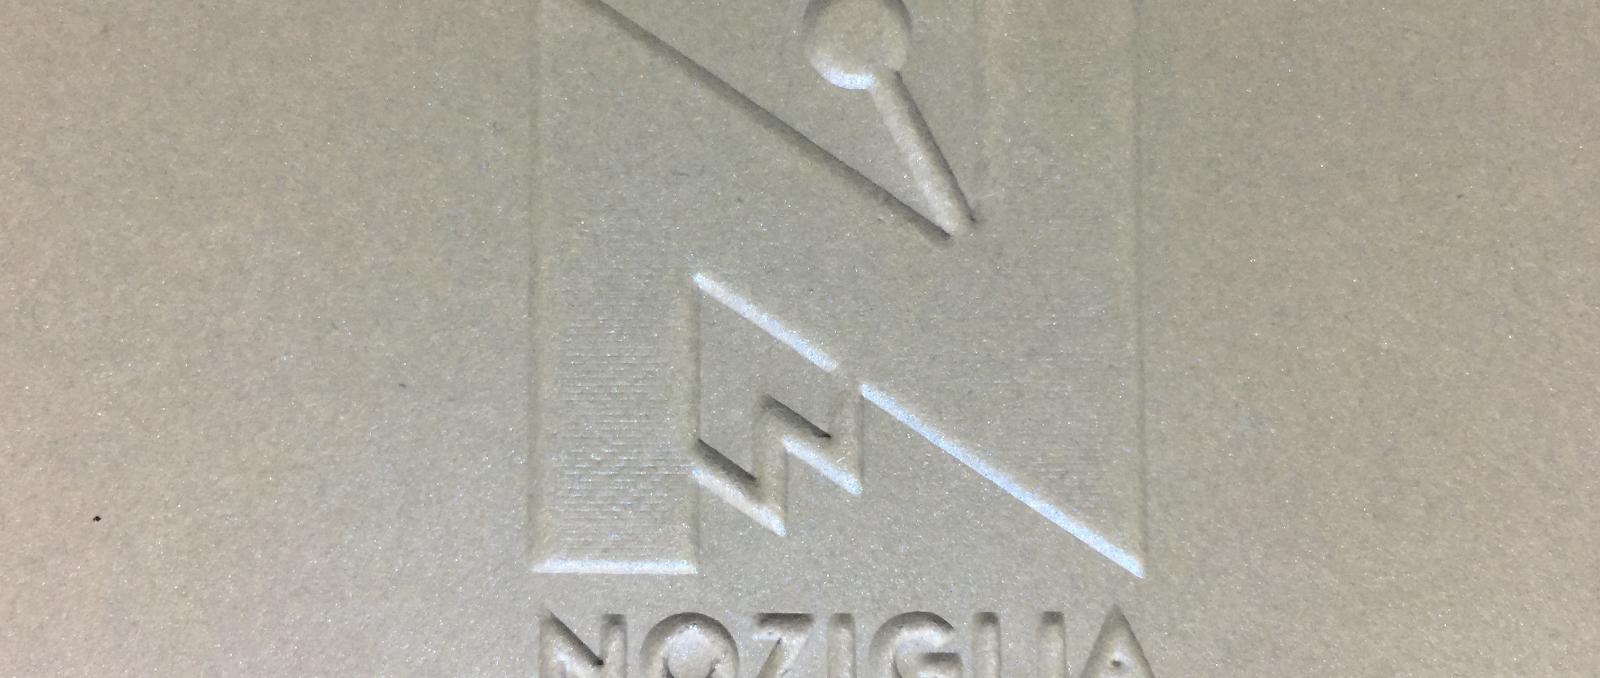 BANNER-NOZIGLIA-004